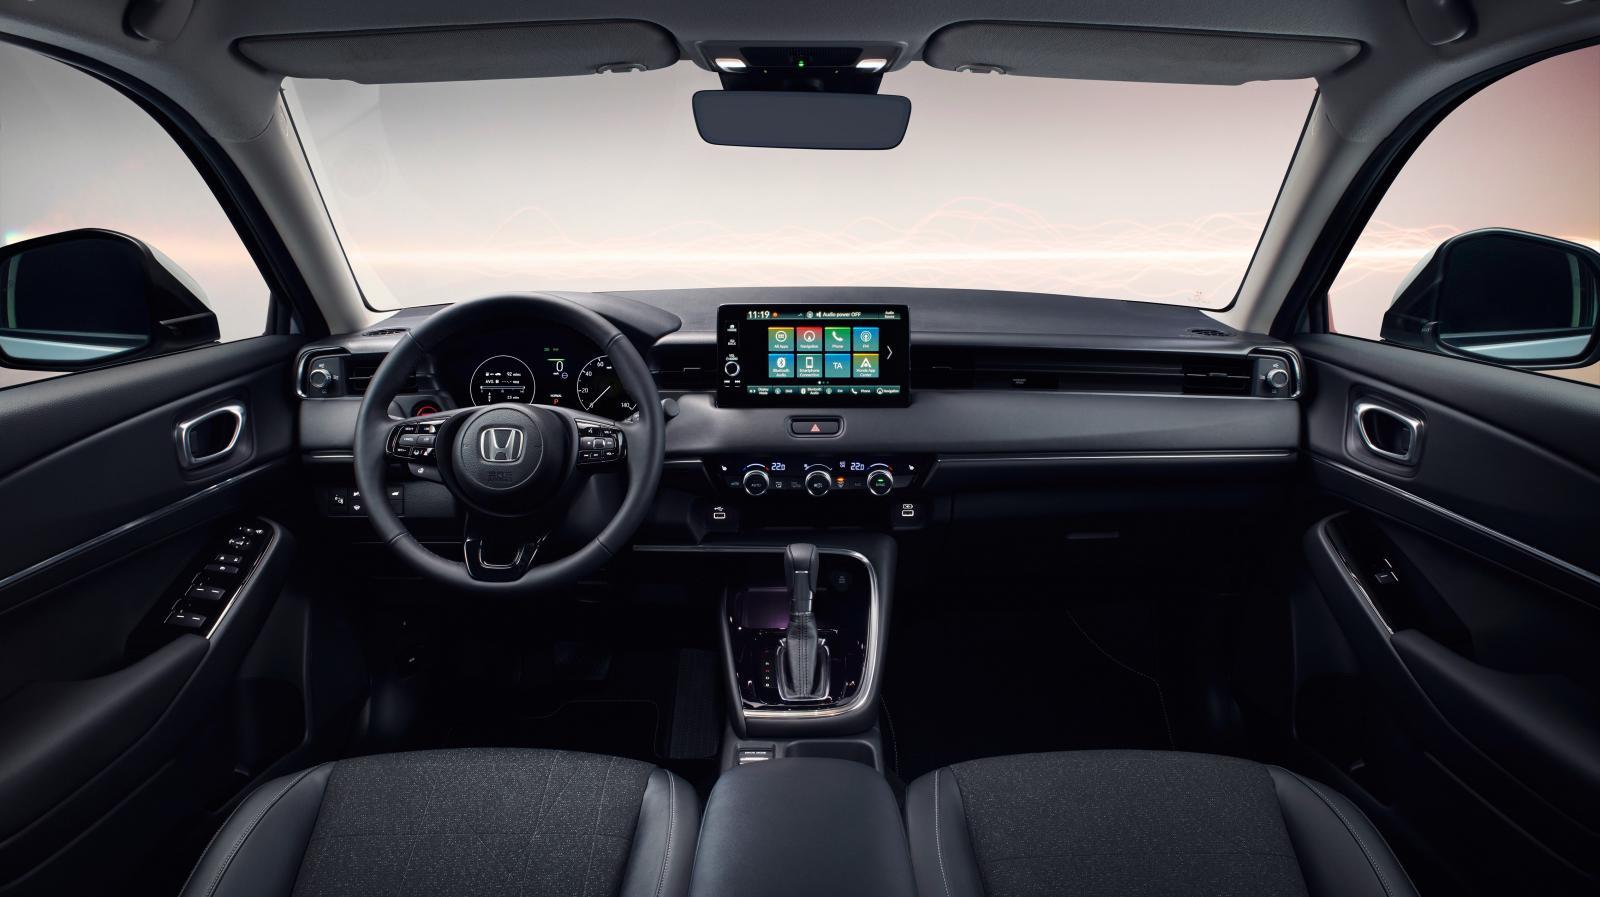 Infotainmentsystemet hämtas från Honda e men skalas ned till en mindre skärm.